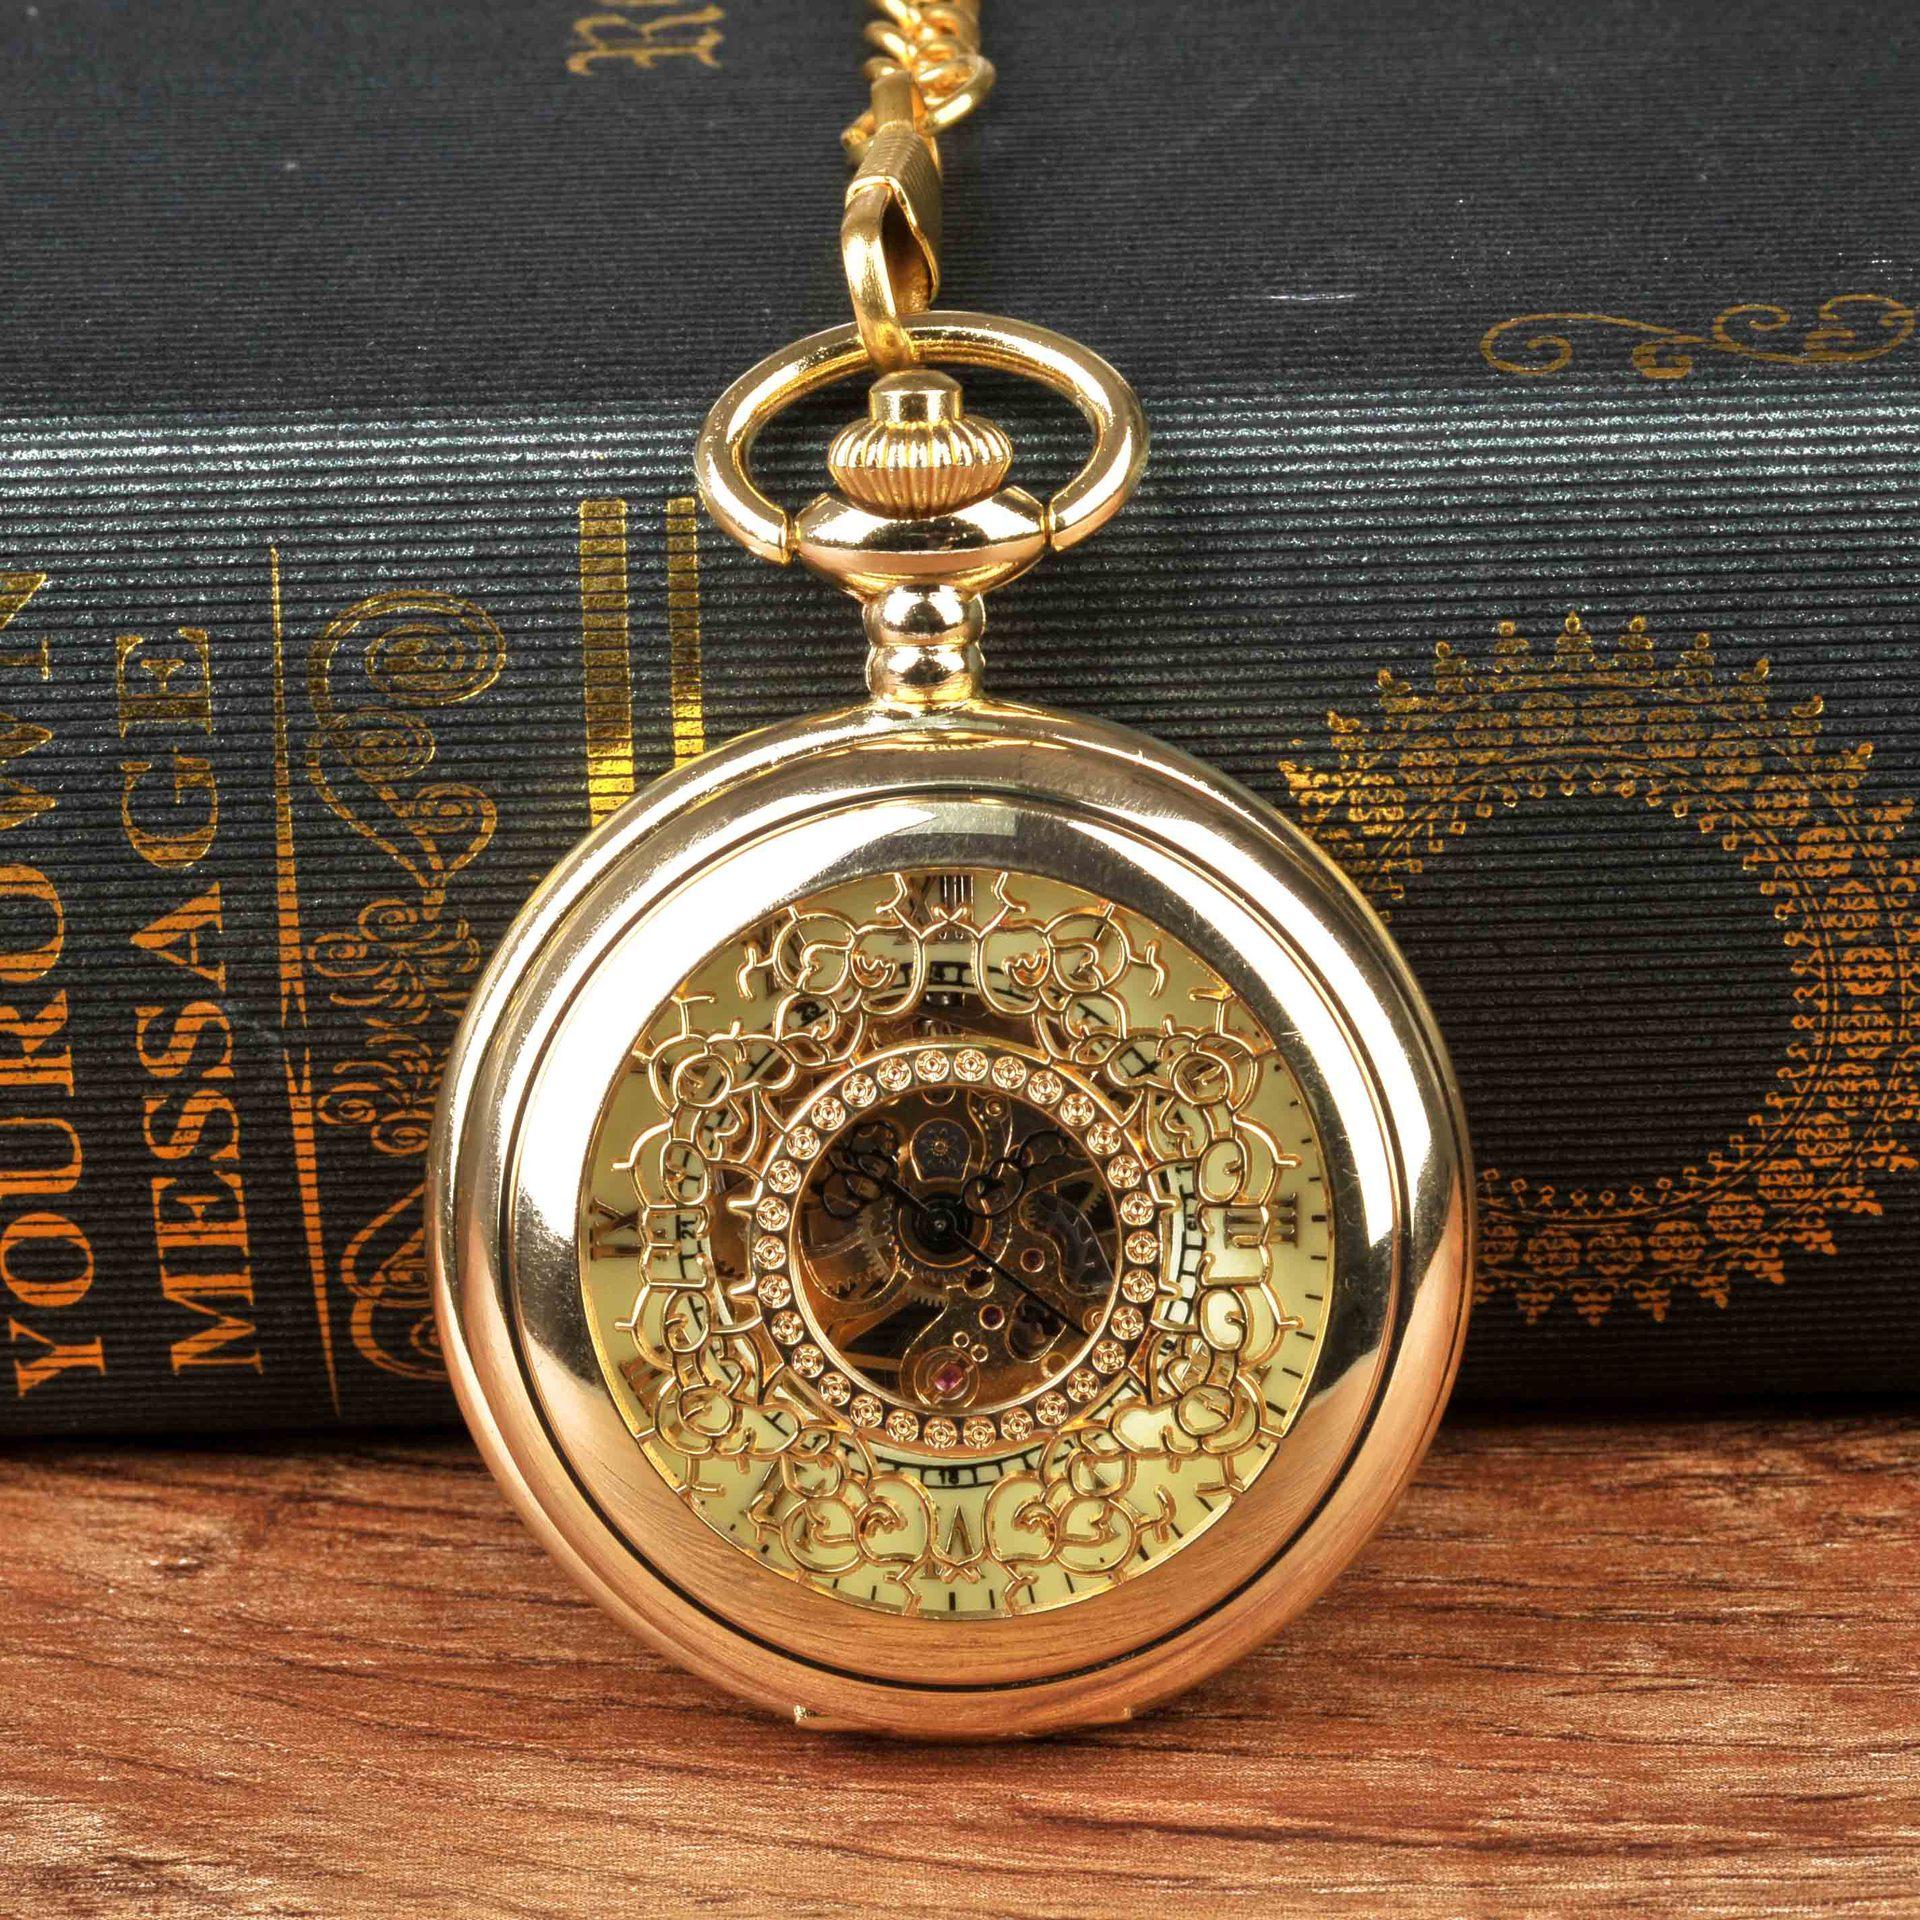 Карманные часы, механические карманные часы, мужские ретро карманные часы